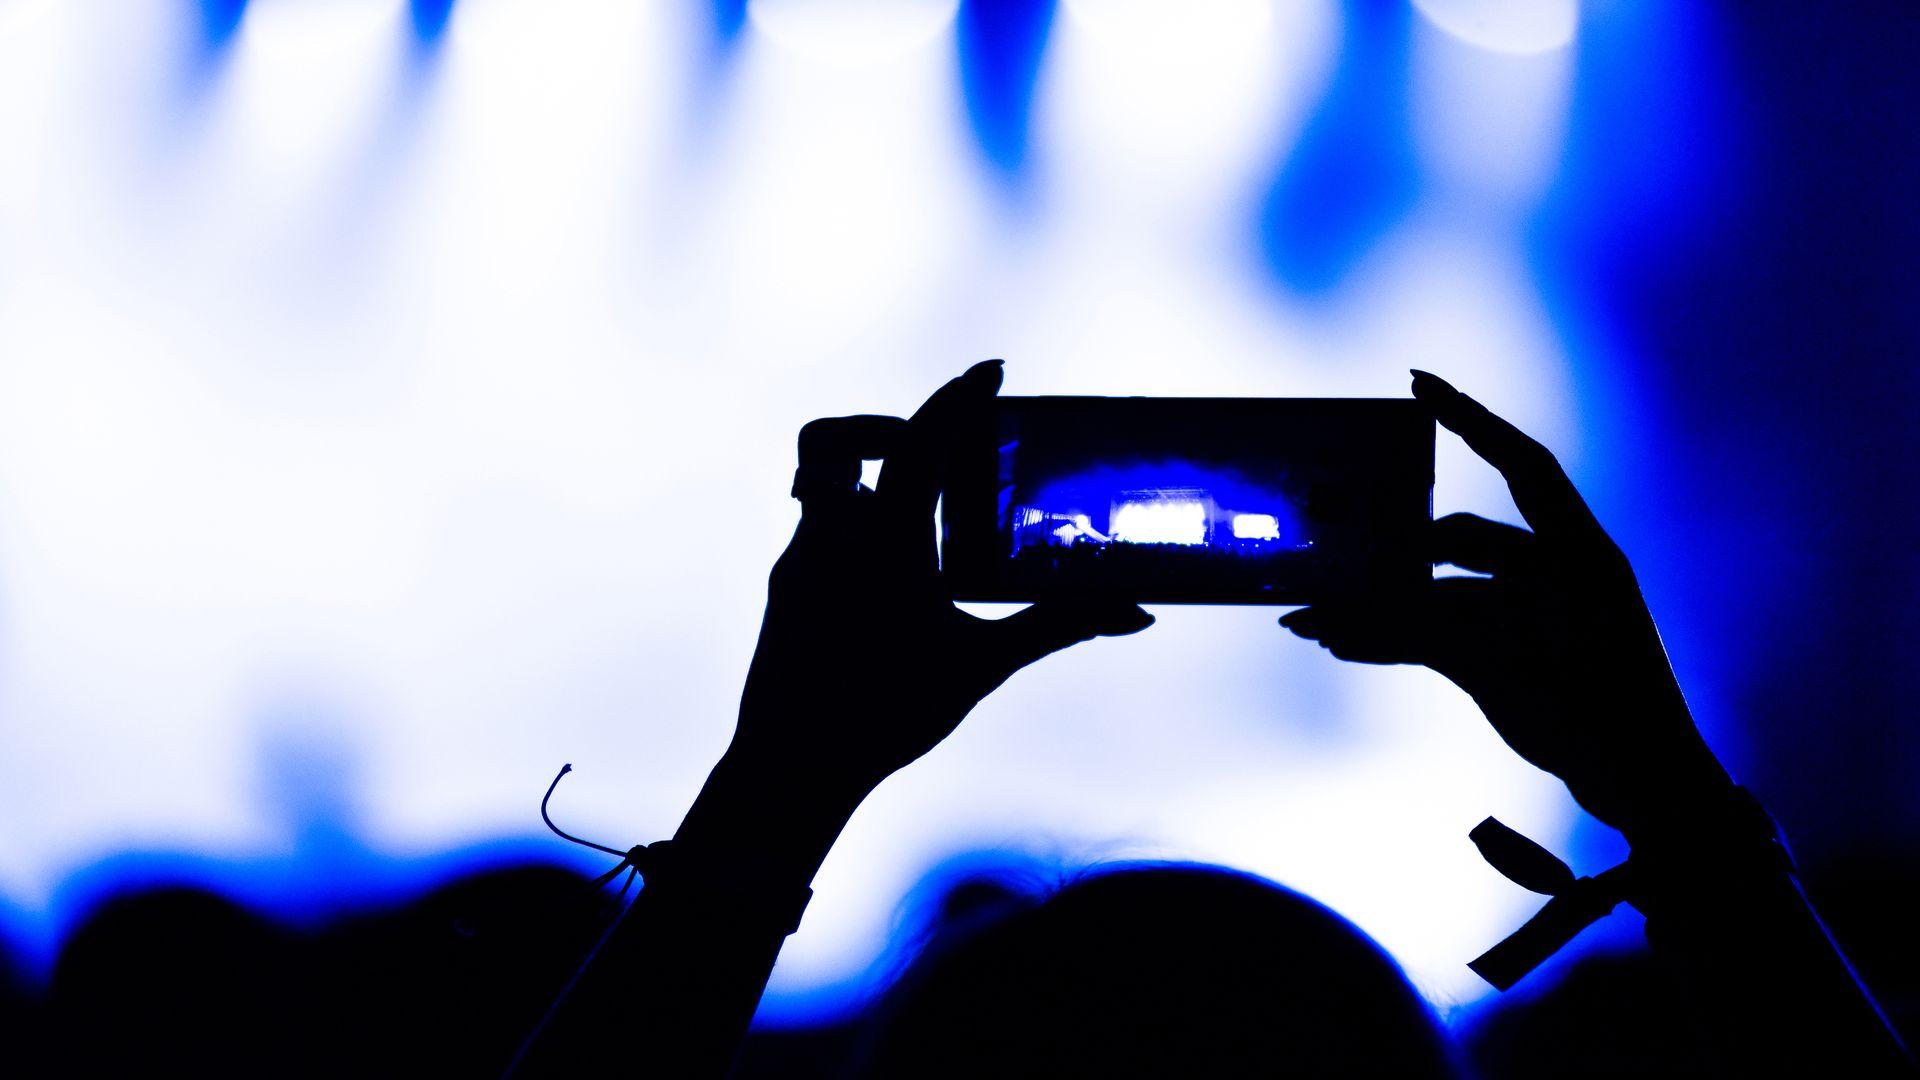 Faire des films avec sin Iphone grâce à l'organisme de formation continue : Formations Vidéo et Montage by AbraCaméra, formation audiovisuelle près de Bordeaux, Gironde , Nouvelle-Aquitaine, France et en visio.